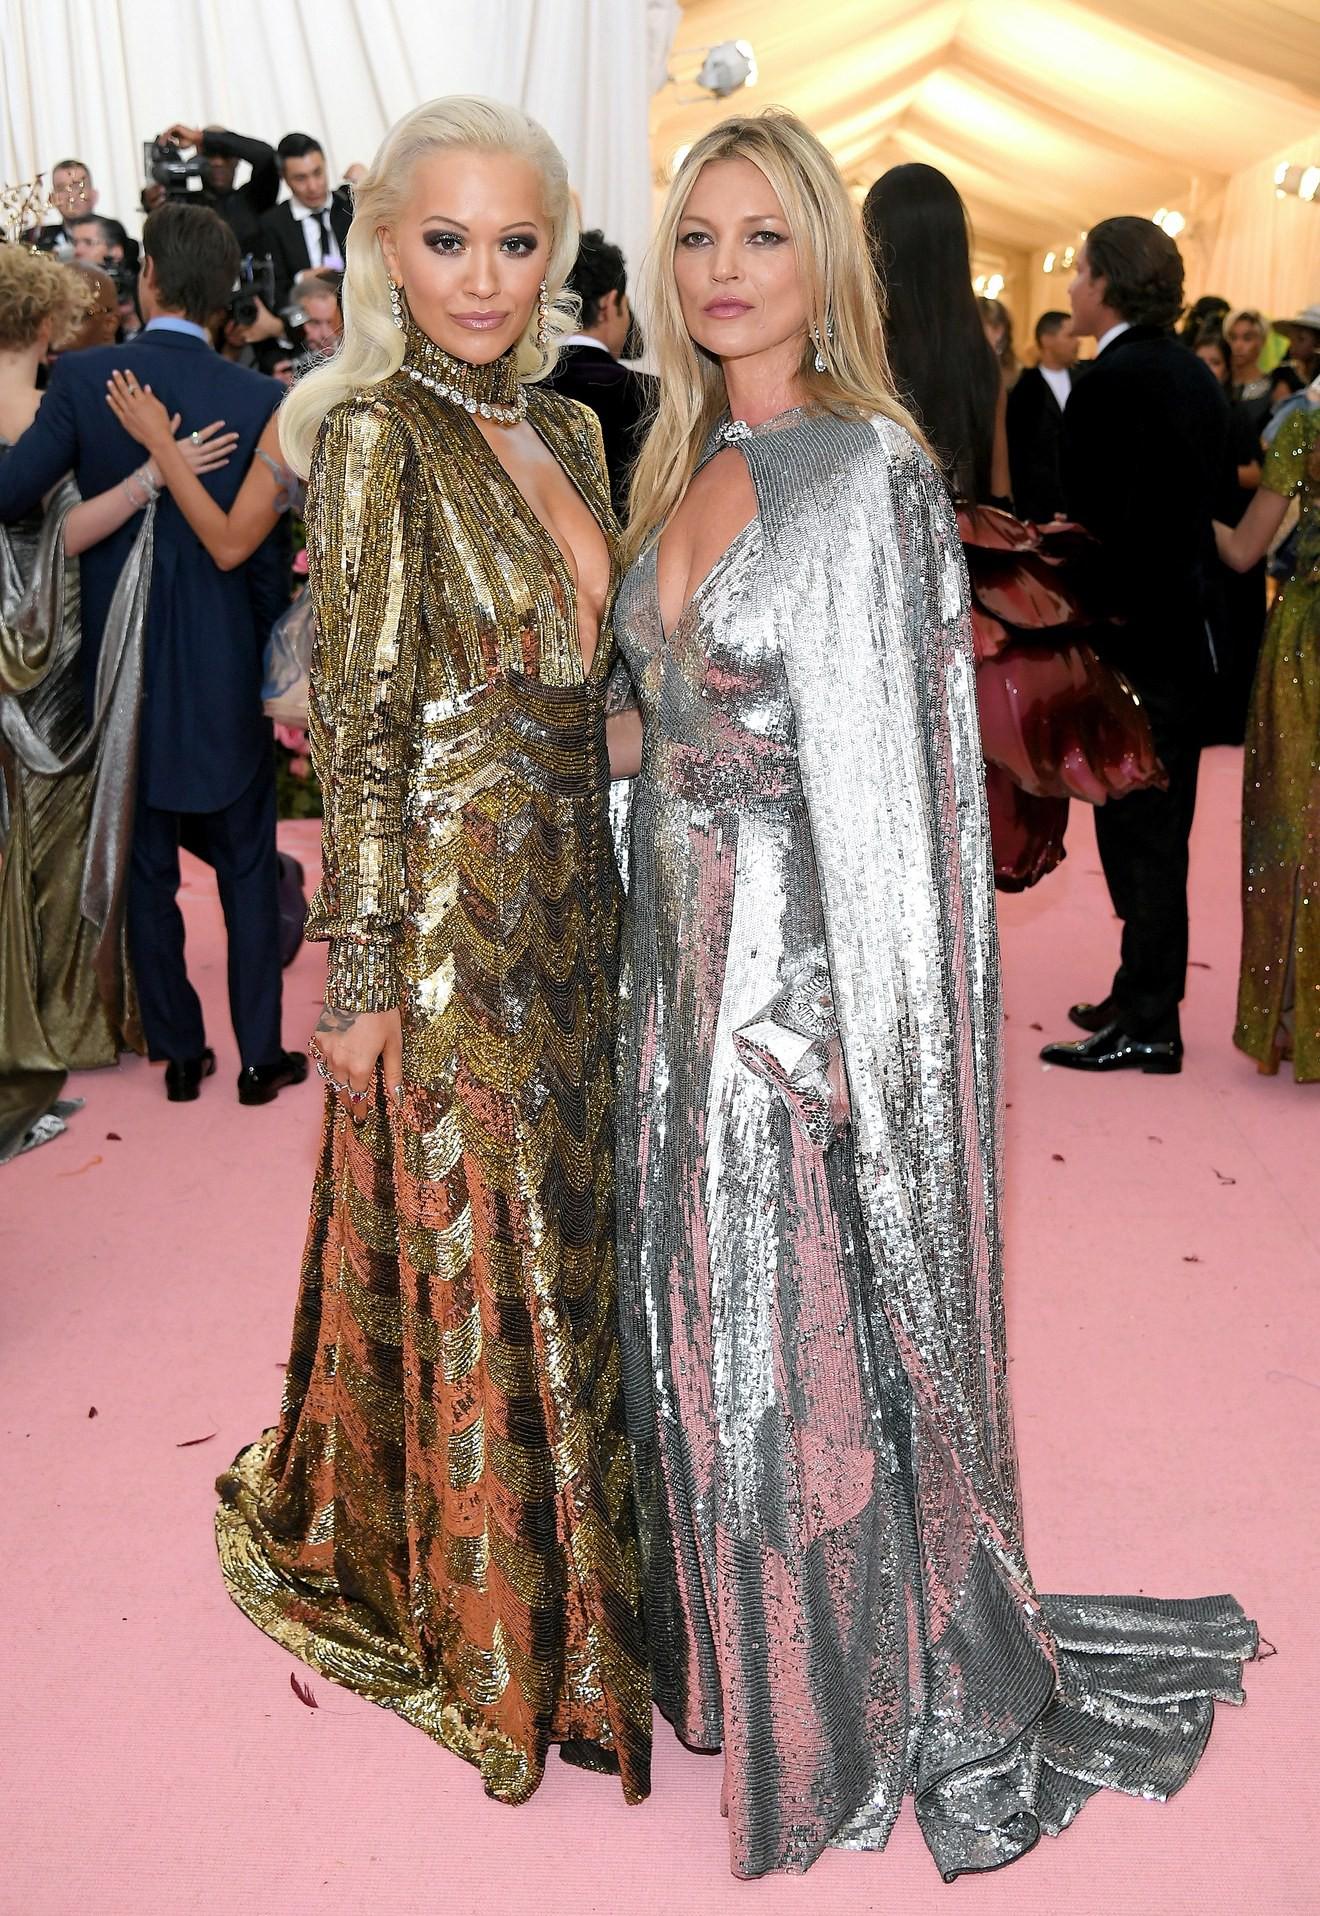 Met Gala 2019: Khó ai chơi lớn bằng Lady Gaga, Katy Perry chuyển từ đèn chùm thành burger nhưng chặt chém không kém là nam nhân dát vàng nằm kiệu - Ảnh 35.